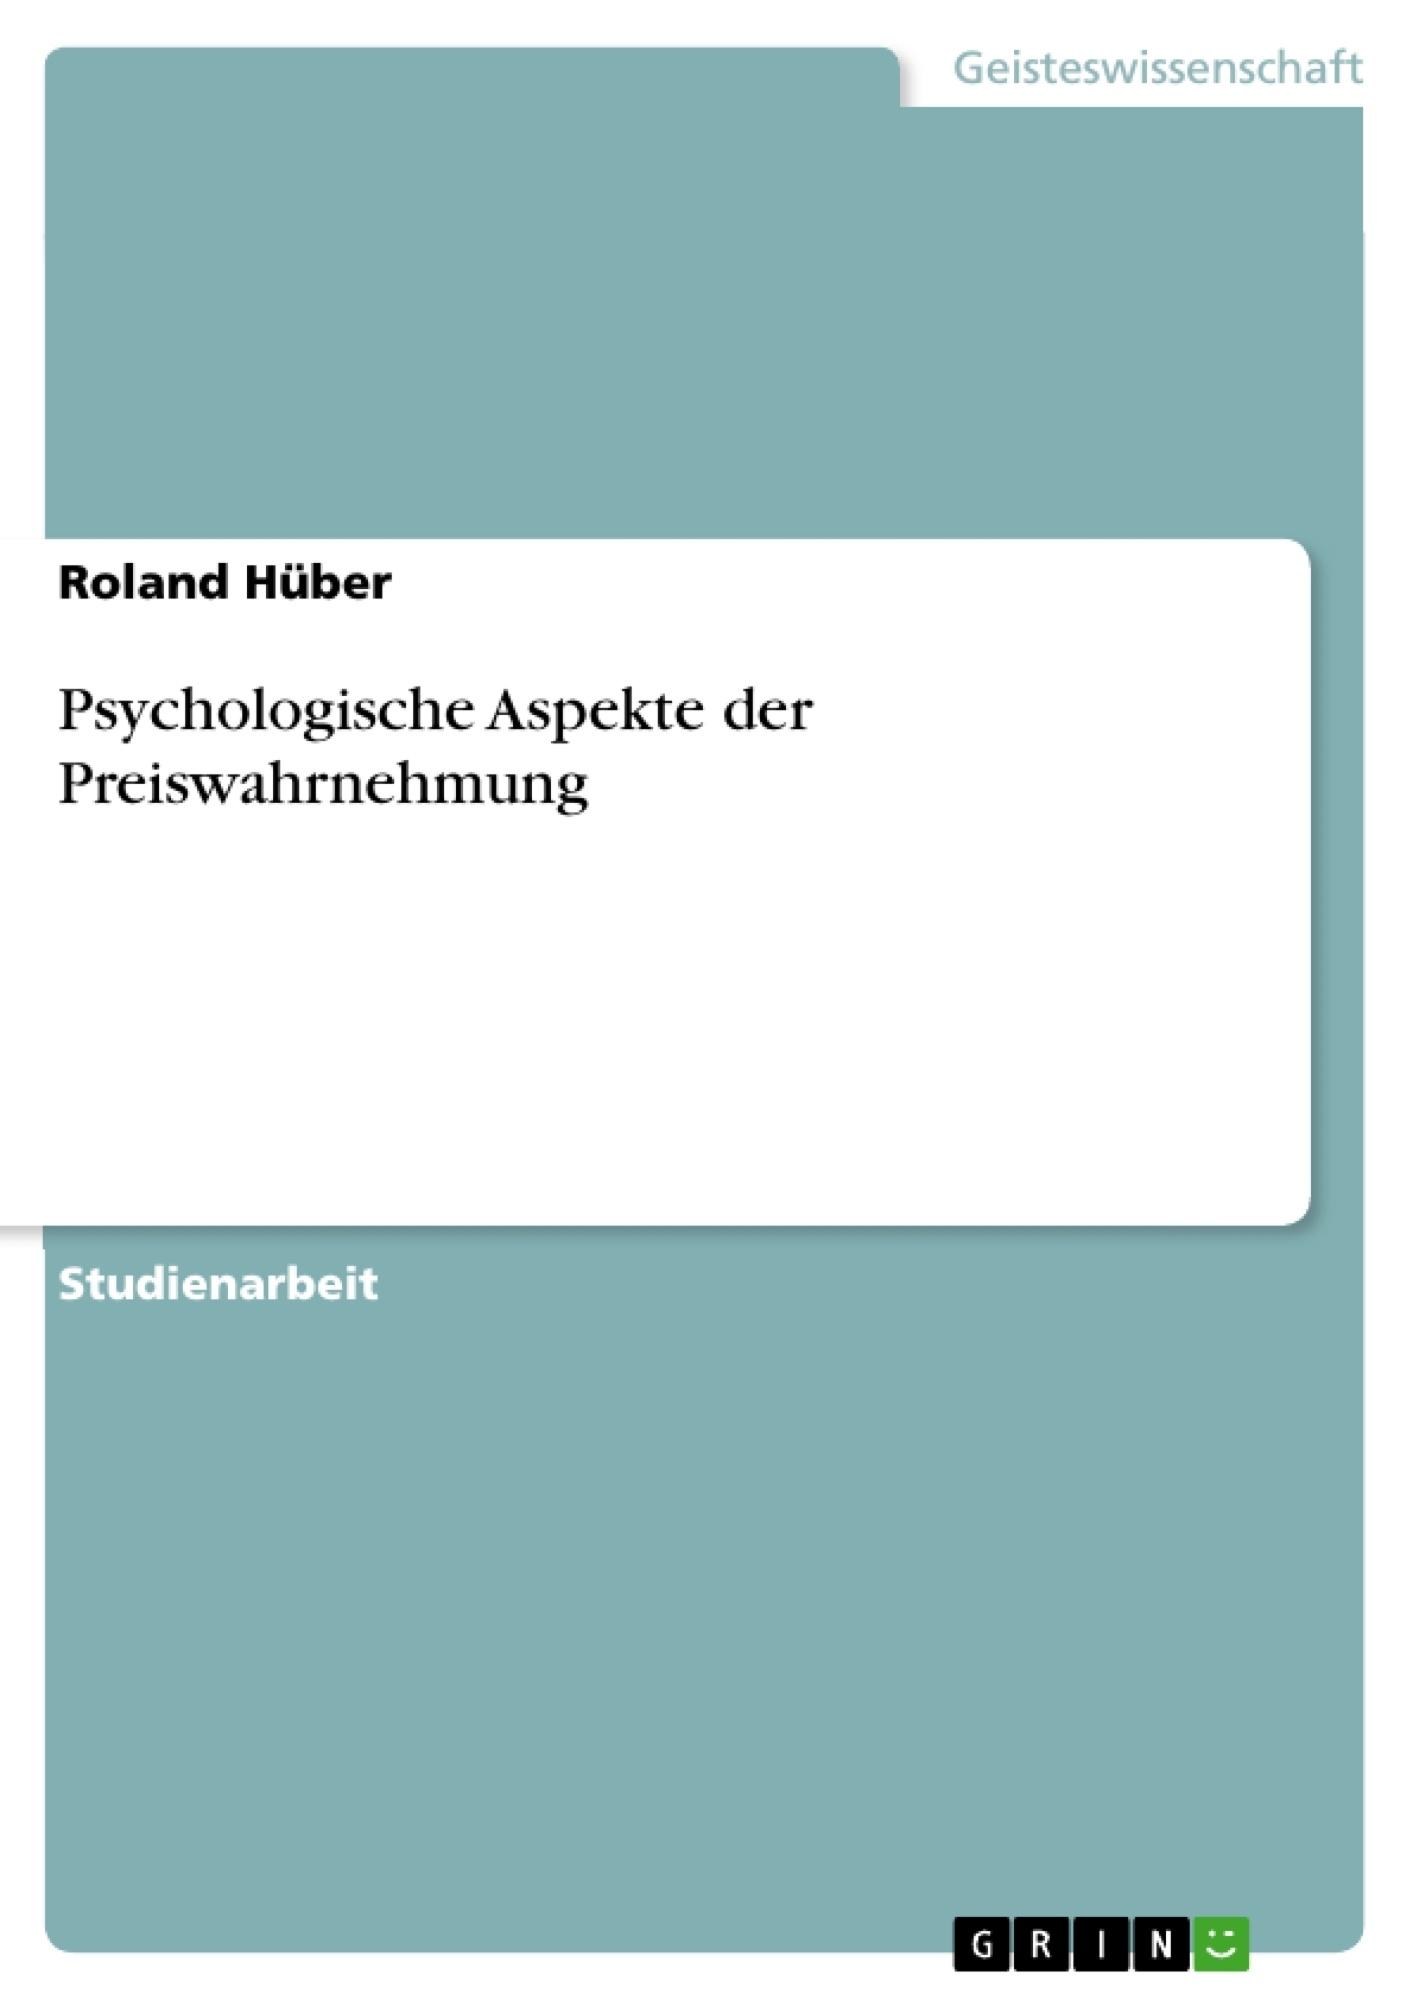 Titel: Psychologische Aspekte der Preiswahrnehmung